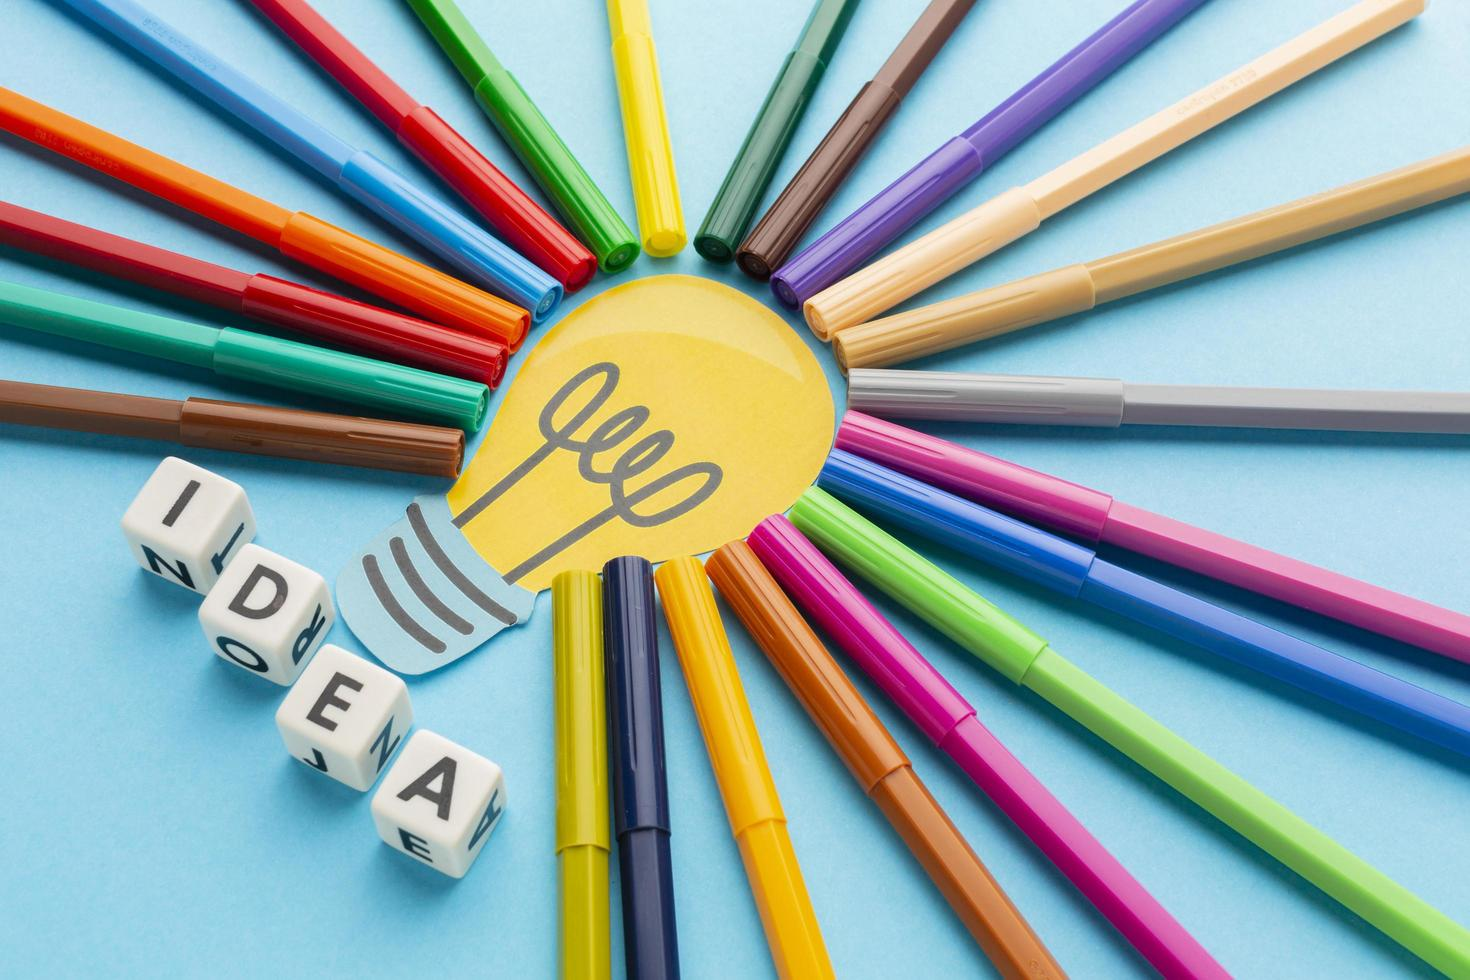 idee concept met gekleurde pennen foto